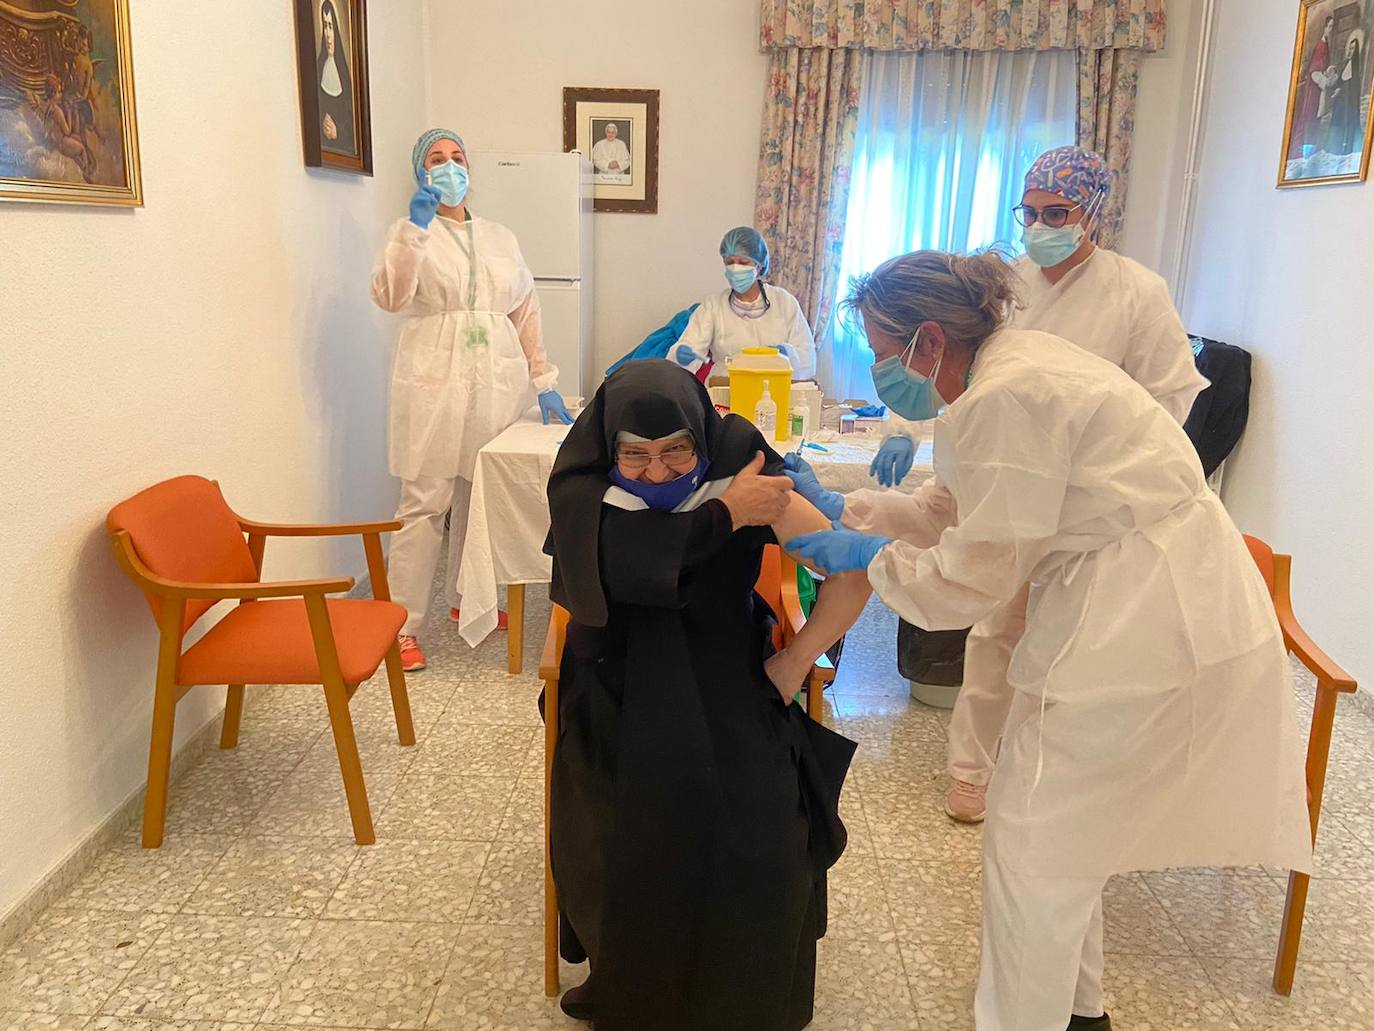 La vacuna llega a las residencias de mayores